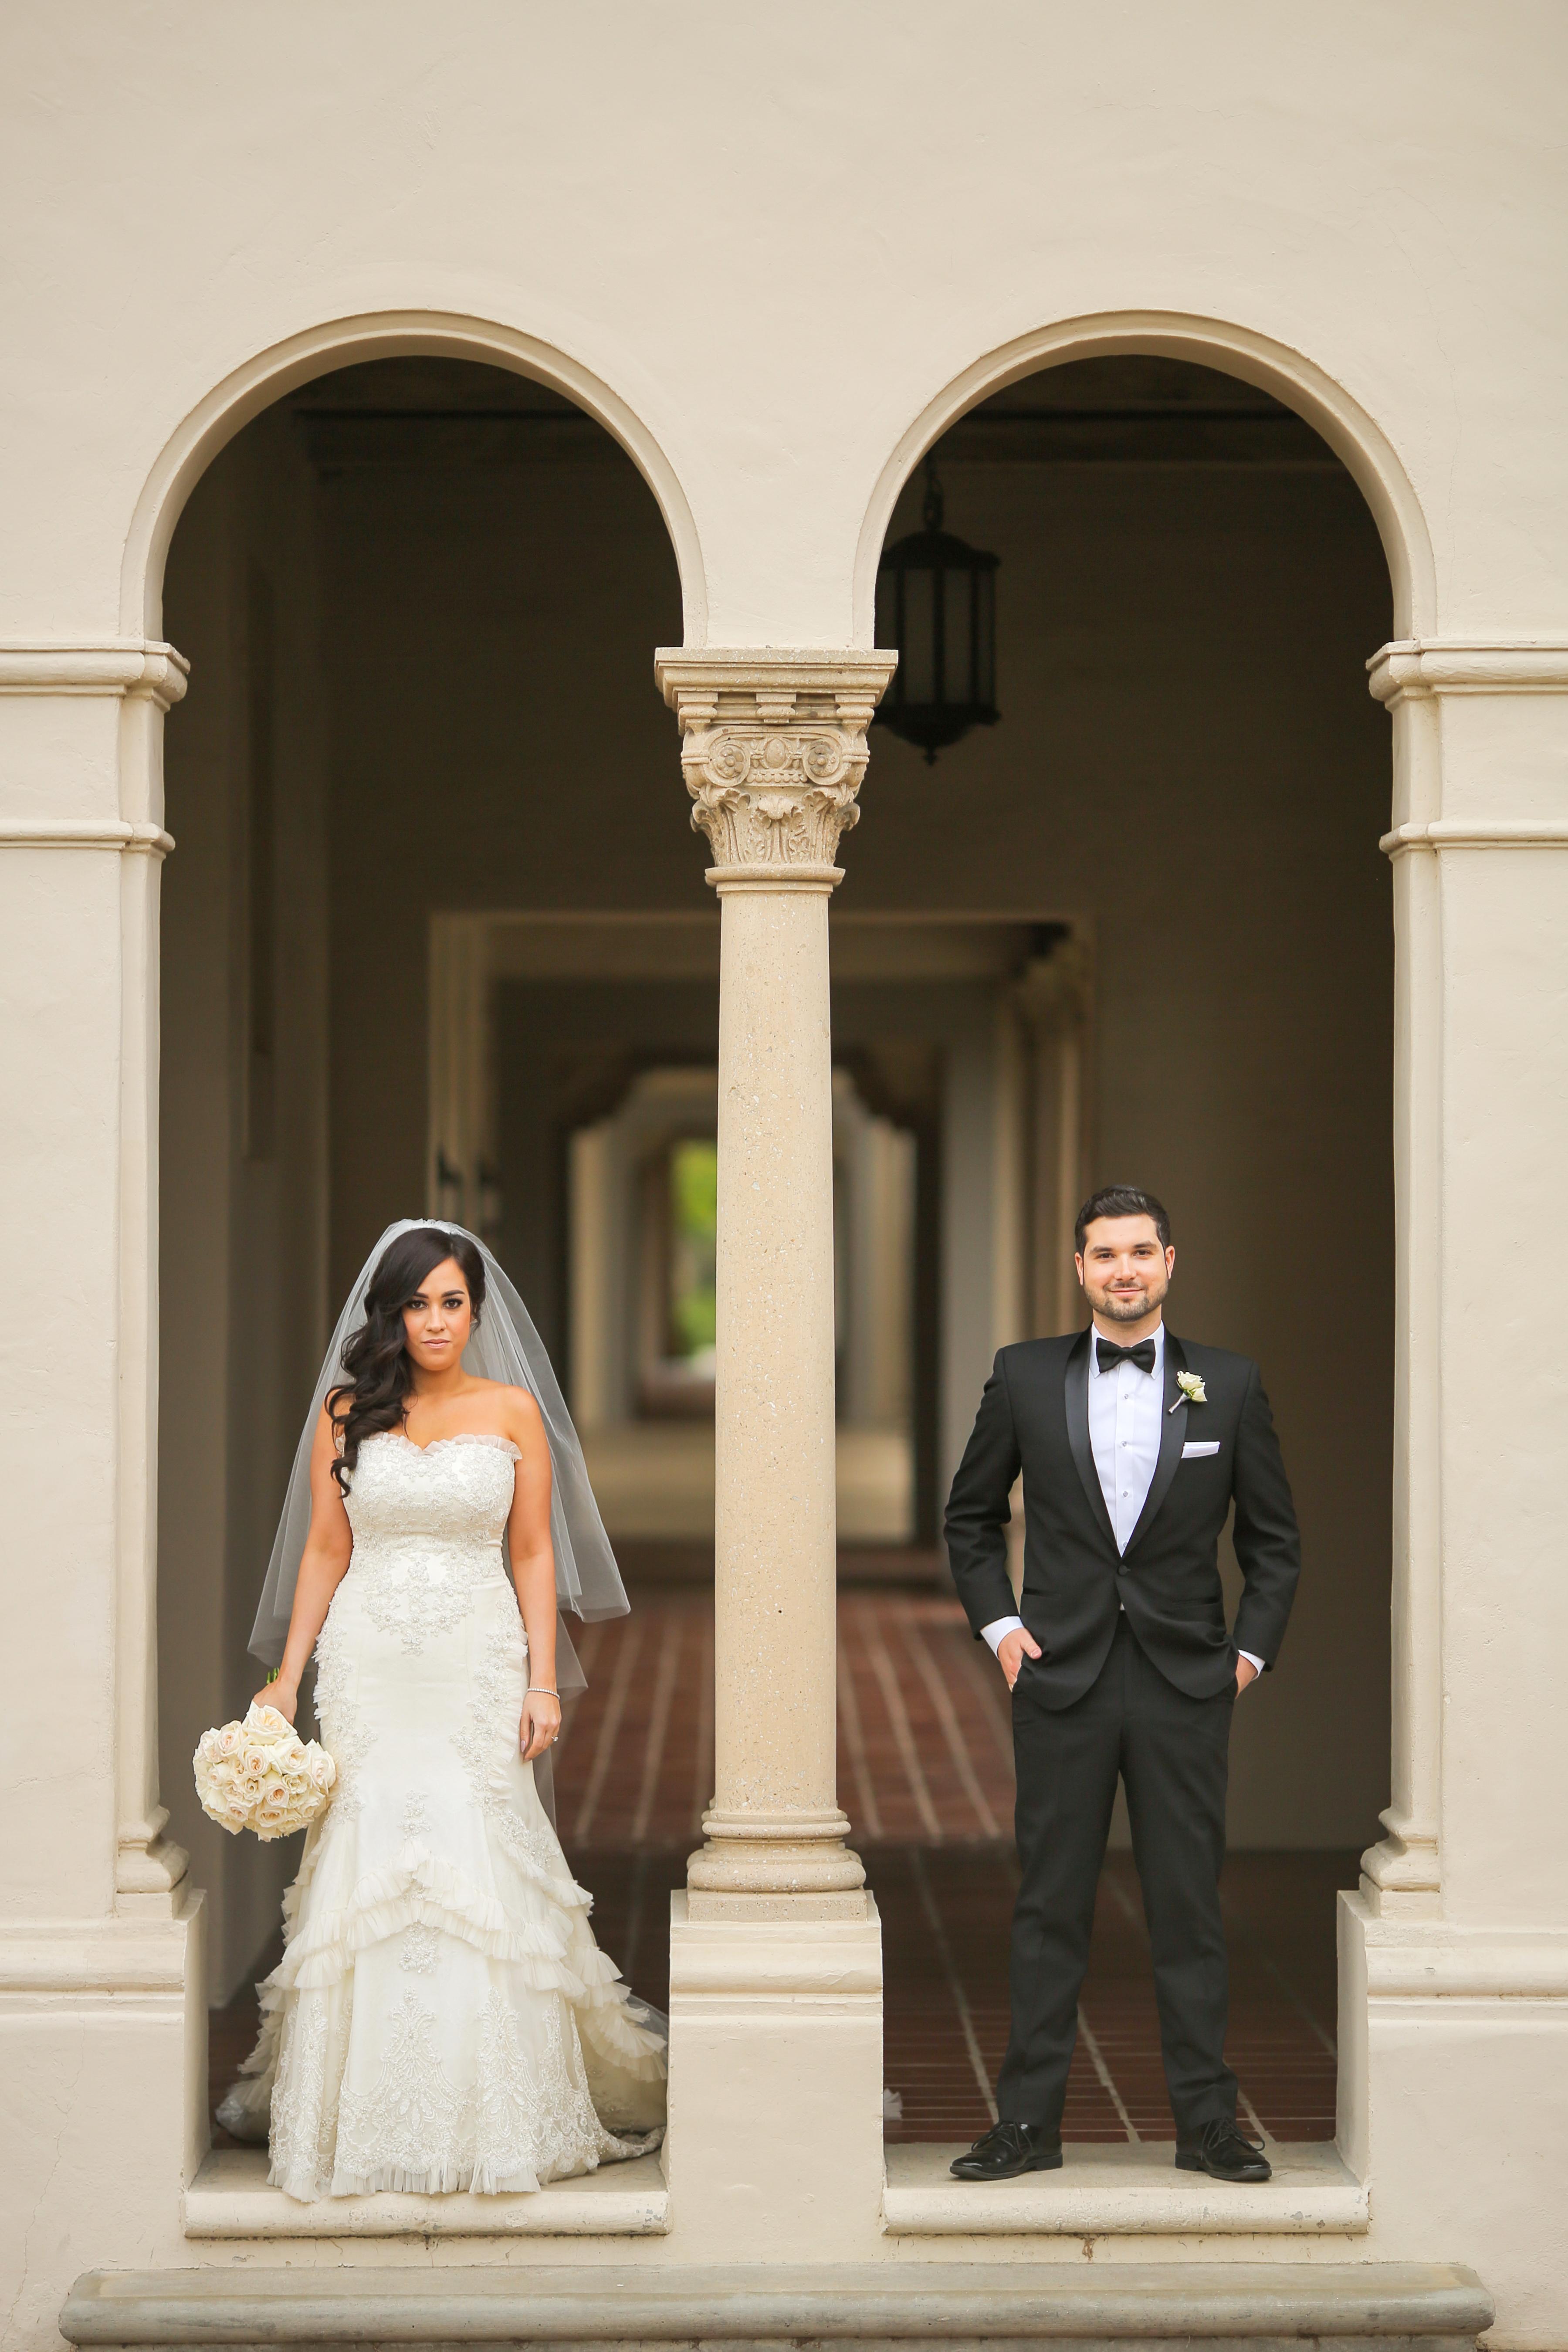 Marlo & Ava Pabon Wedding Photos FR (465 of 978)